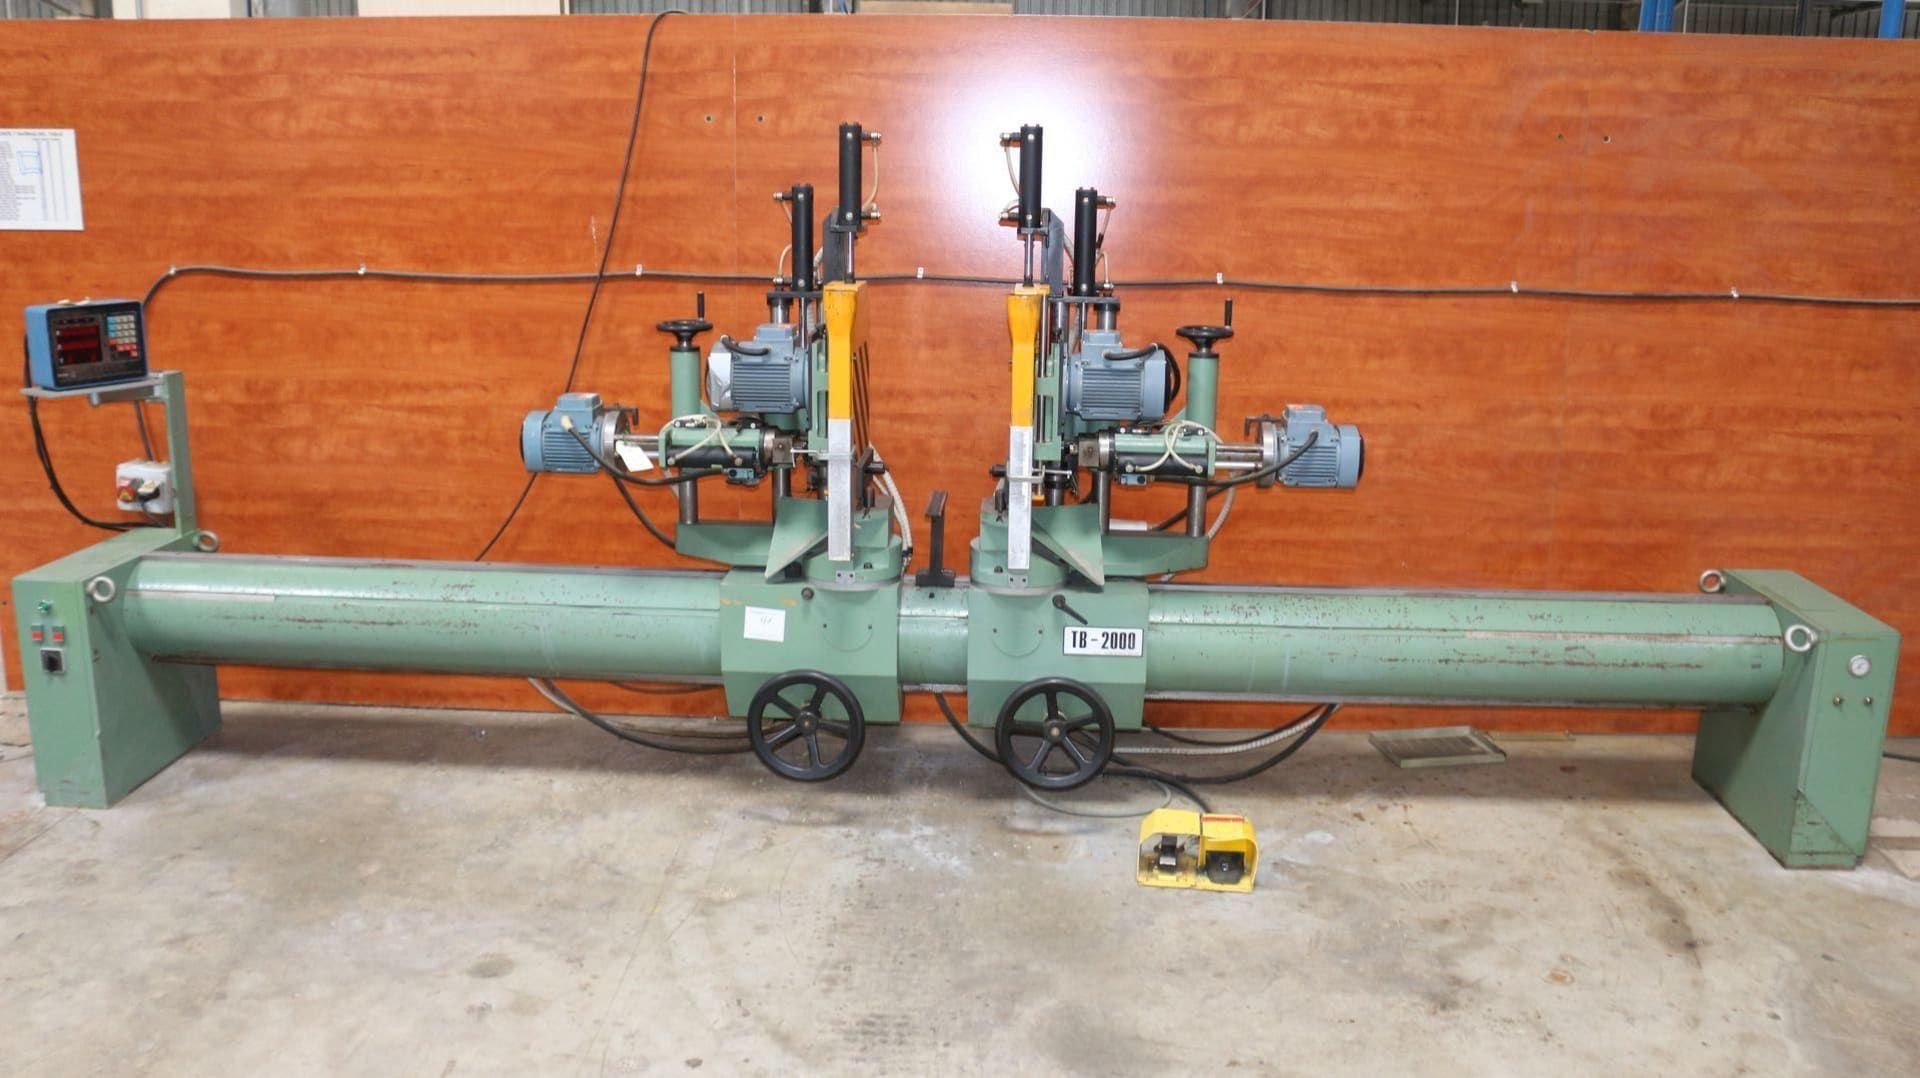 BERLE TB 2000 Doppelkopf-Gehrungssäge mit Bohreinheiten